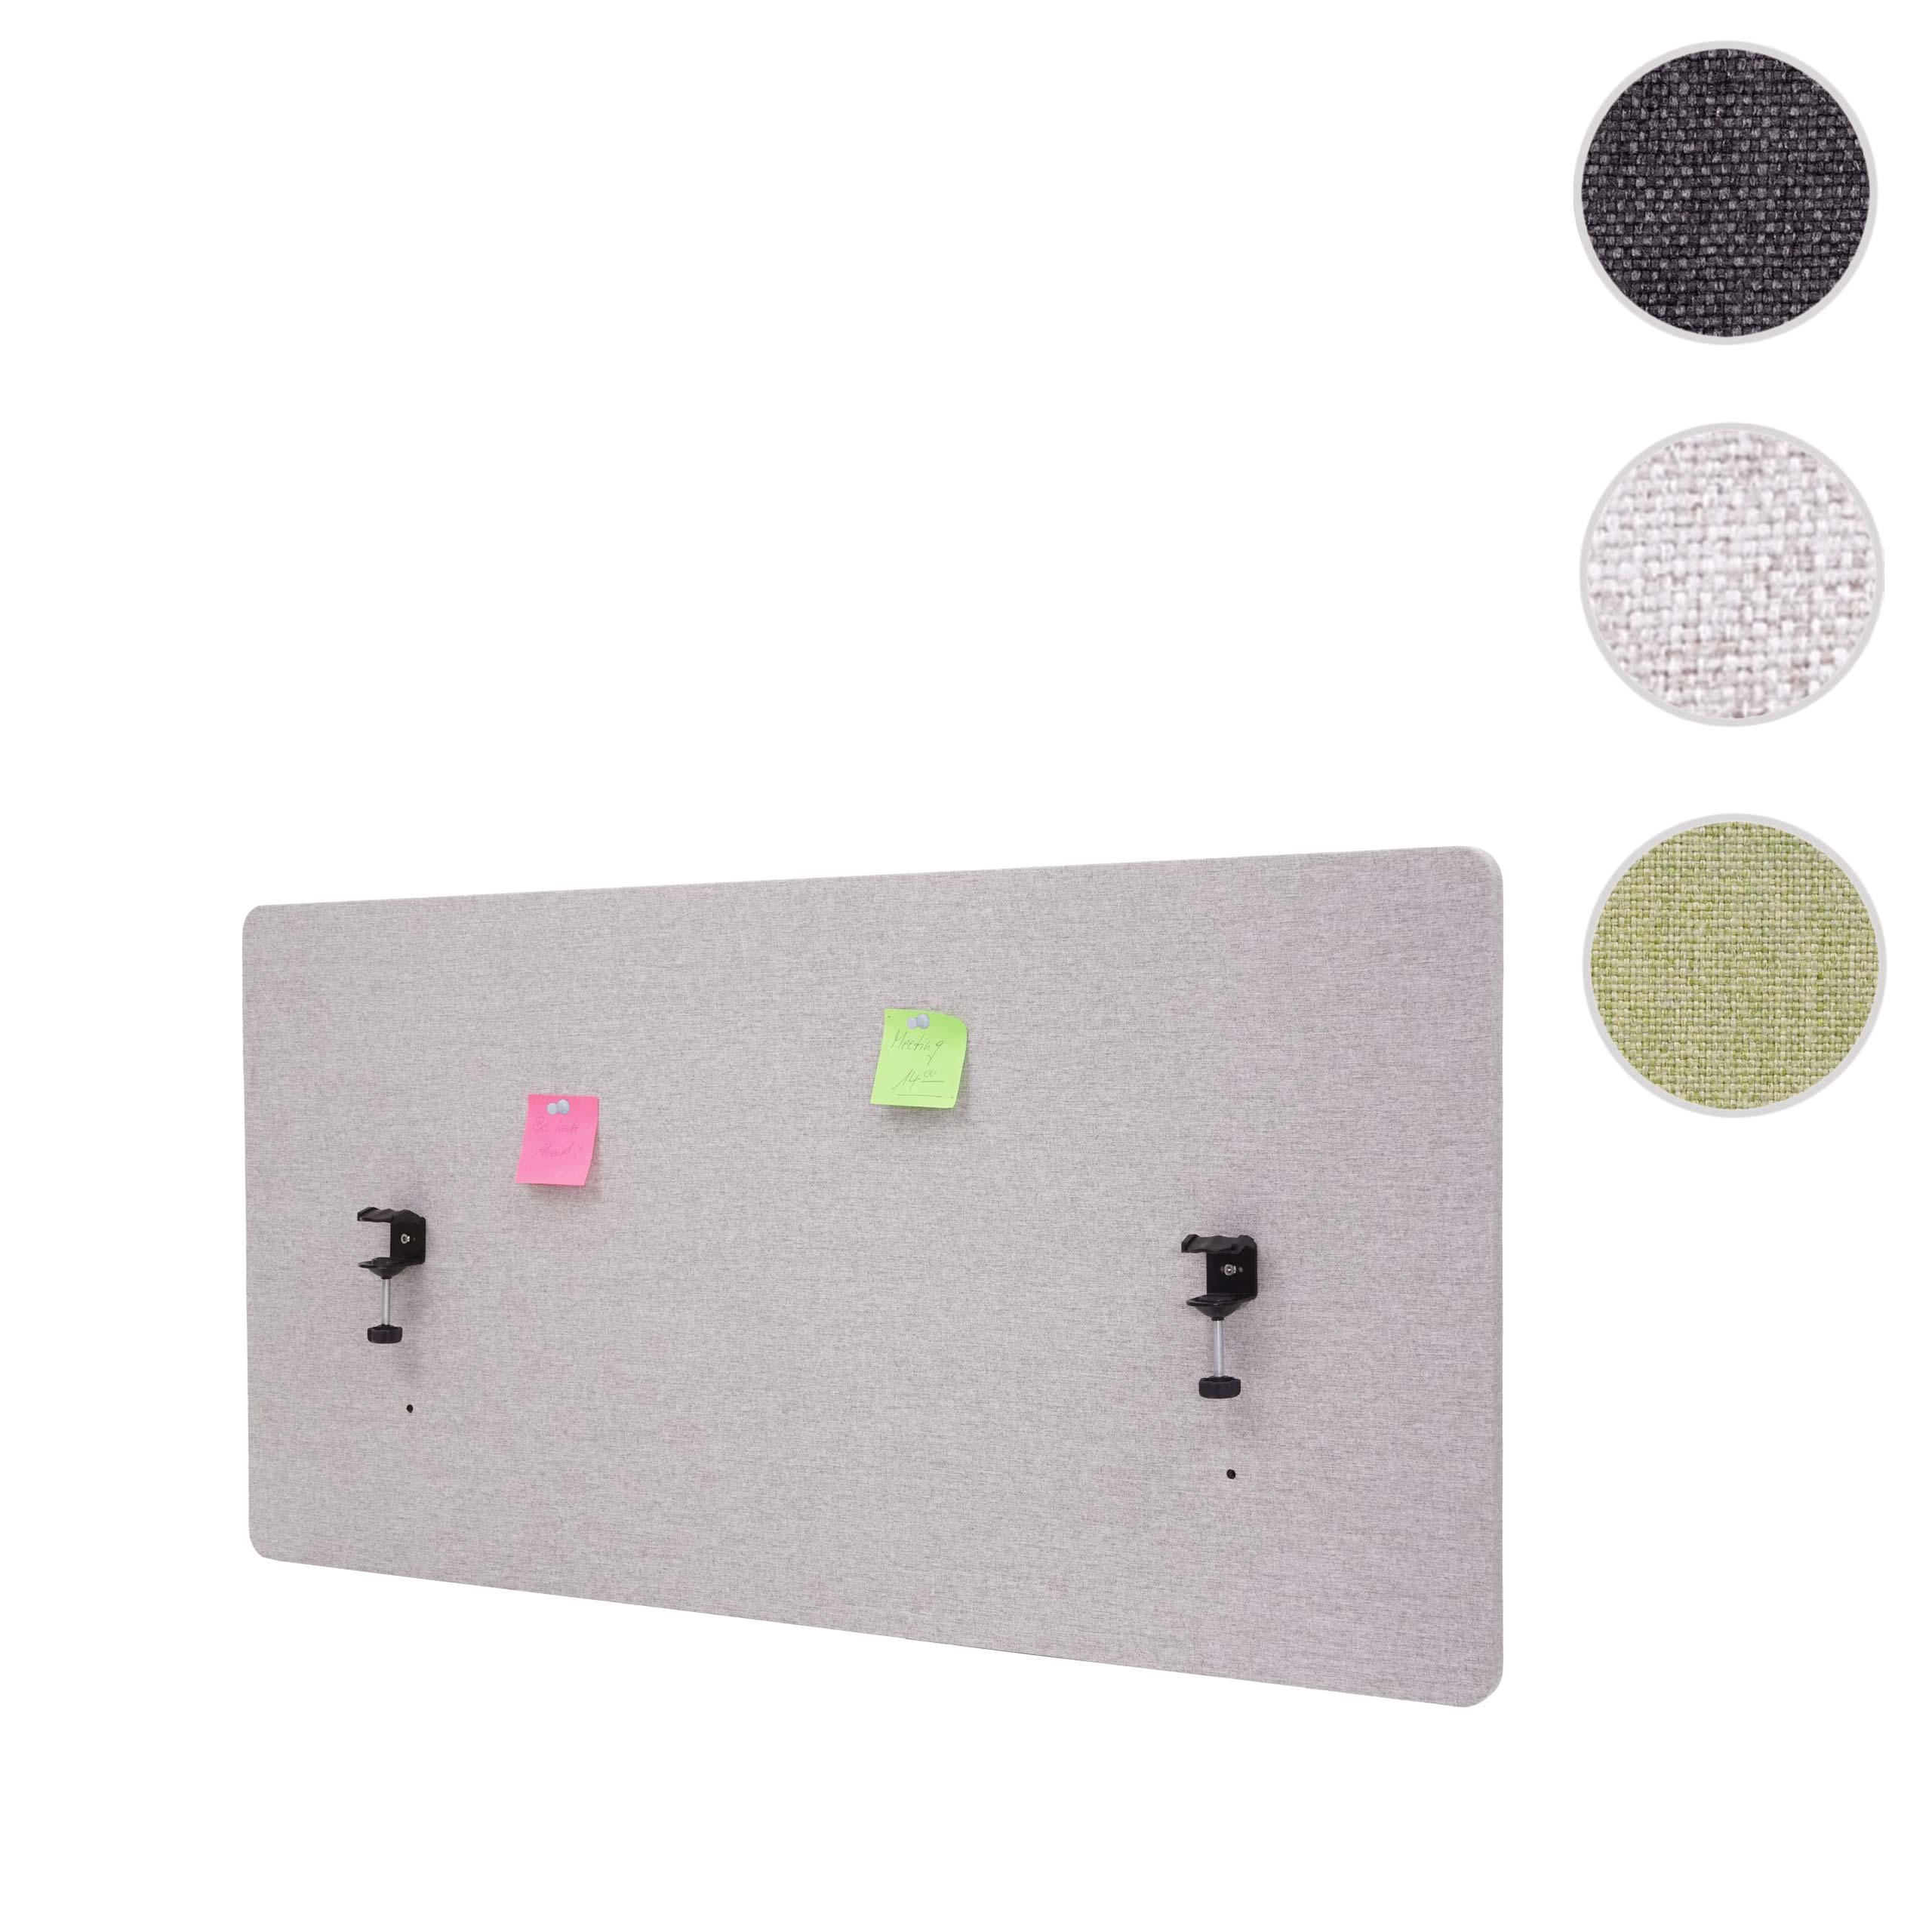 Mendler Akustik-Tischtrennwand HWC-G75, Büro-Sichtschutz Schreibtisch Pinnwand, doppelwandig Stoff/Textil ~ 71929+71943